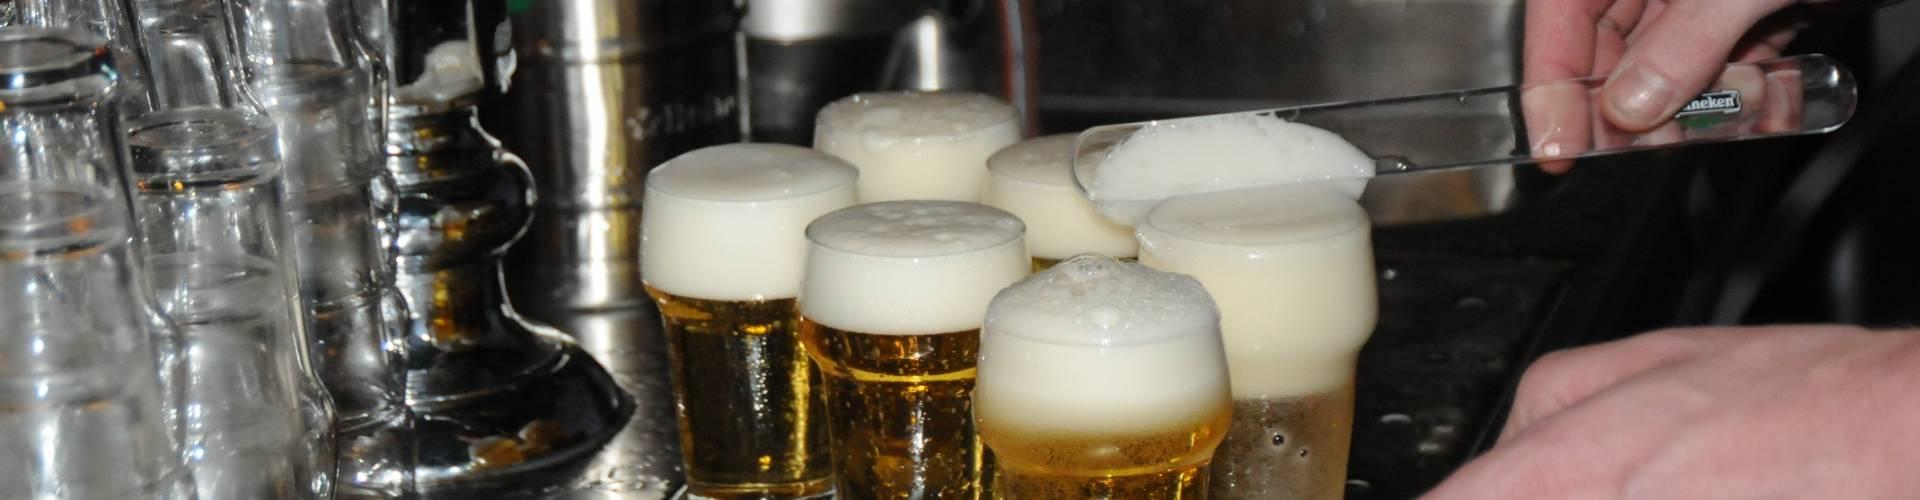 Partygarant | partyservice en partyverhuur Rotterdam en Barendrecht